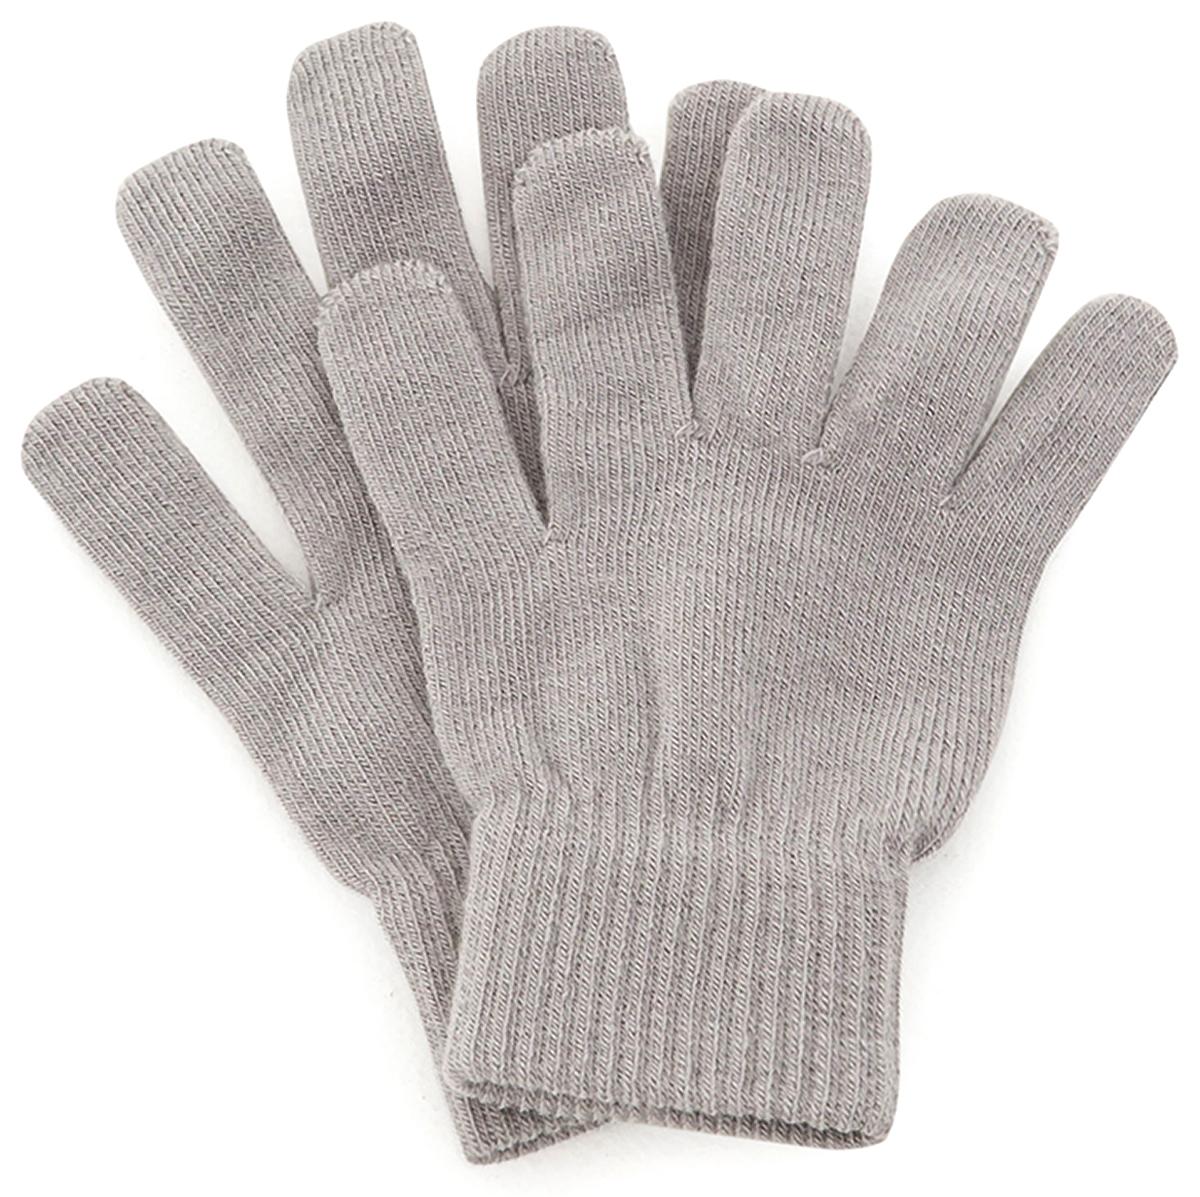 Перчатки для девочки Acoola Ika, цвет: серый. 20236420009. Размер L (10)20236420009Вязаные перчатки от Acoola выполнены из натуральной акриловой пряжи. Такие перчатки согреют руки вашего ребенка в холодную погоду.